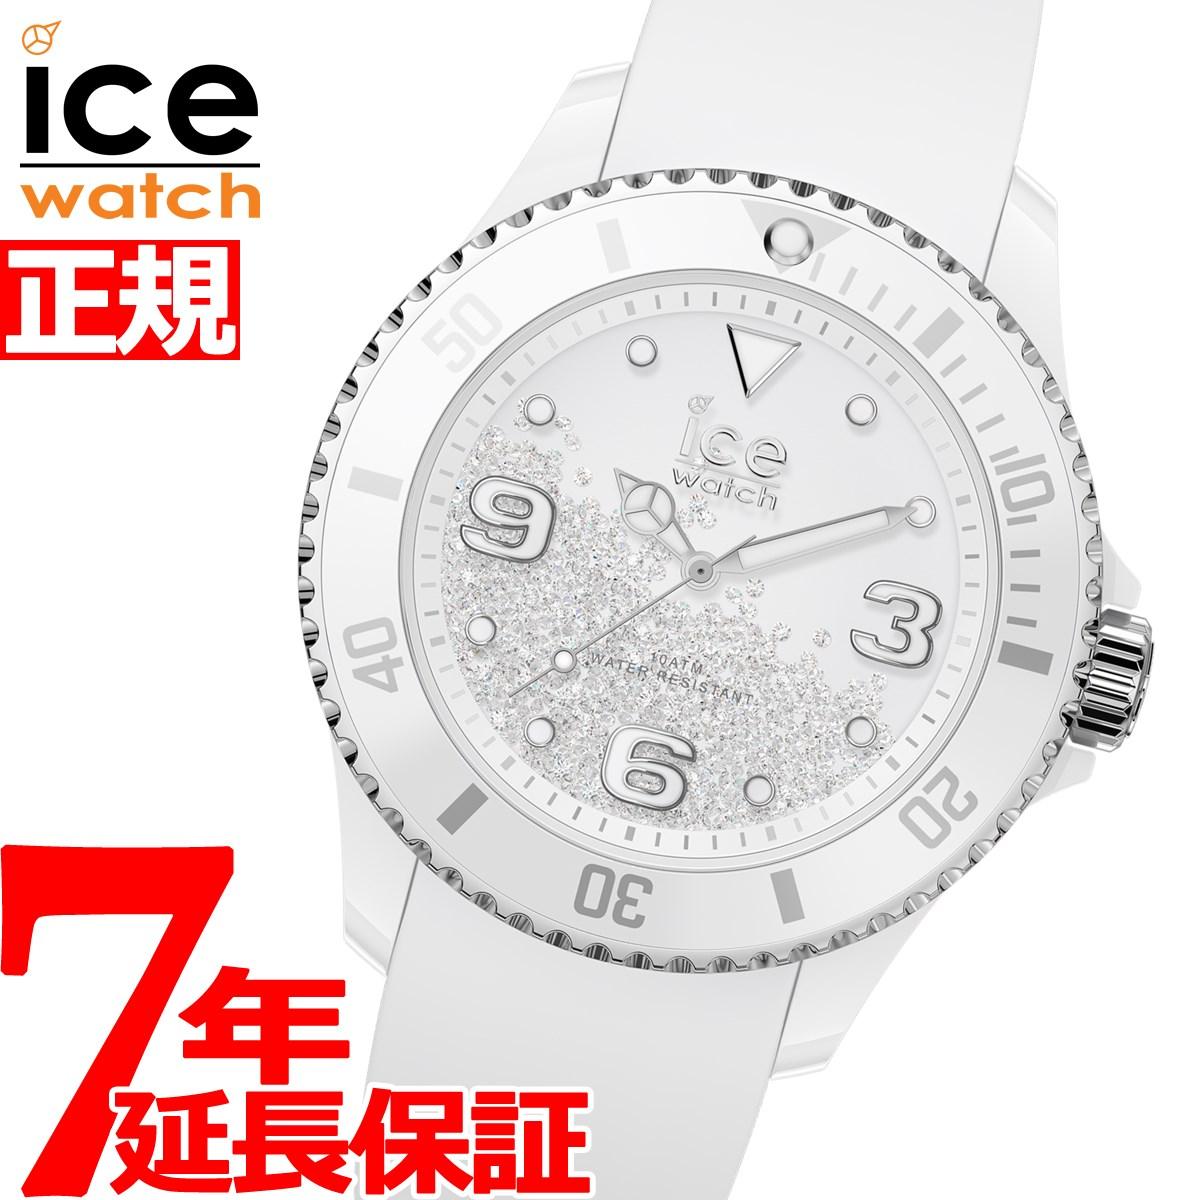 【5日0時~♪2000円OFFクーポン&店内ポイント最大51倍!5日23時59分まで】アイスウォッチ ICE-Watch 腕時計 メンズ レディース アイスクリスタル ICE crystal ミディアム ホワイト シルバー スムーズ 017246